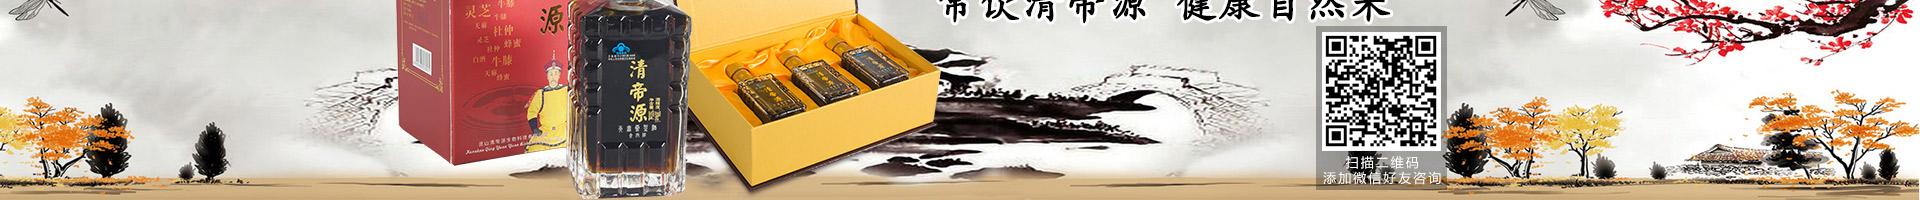 昆山清帝源生物科技有限公司